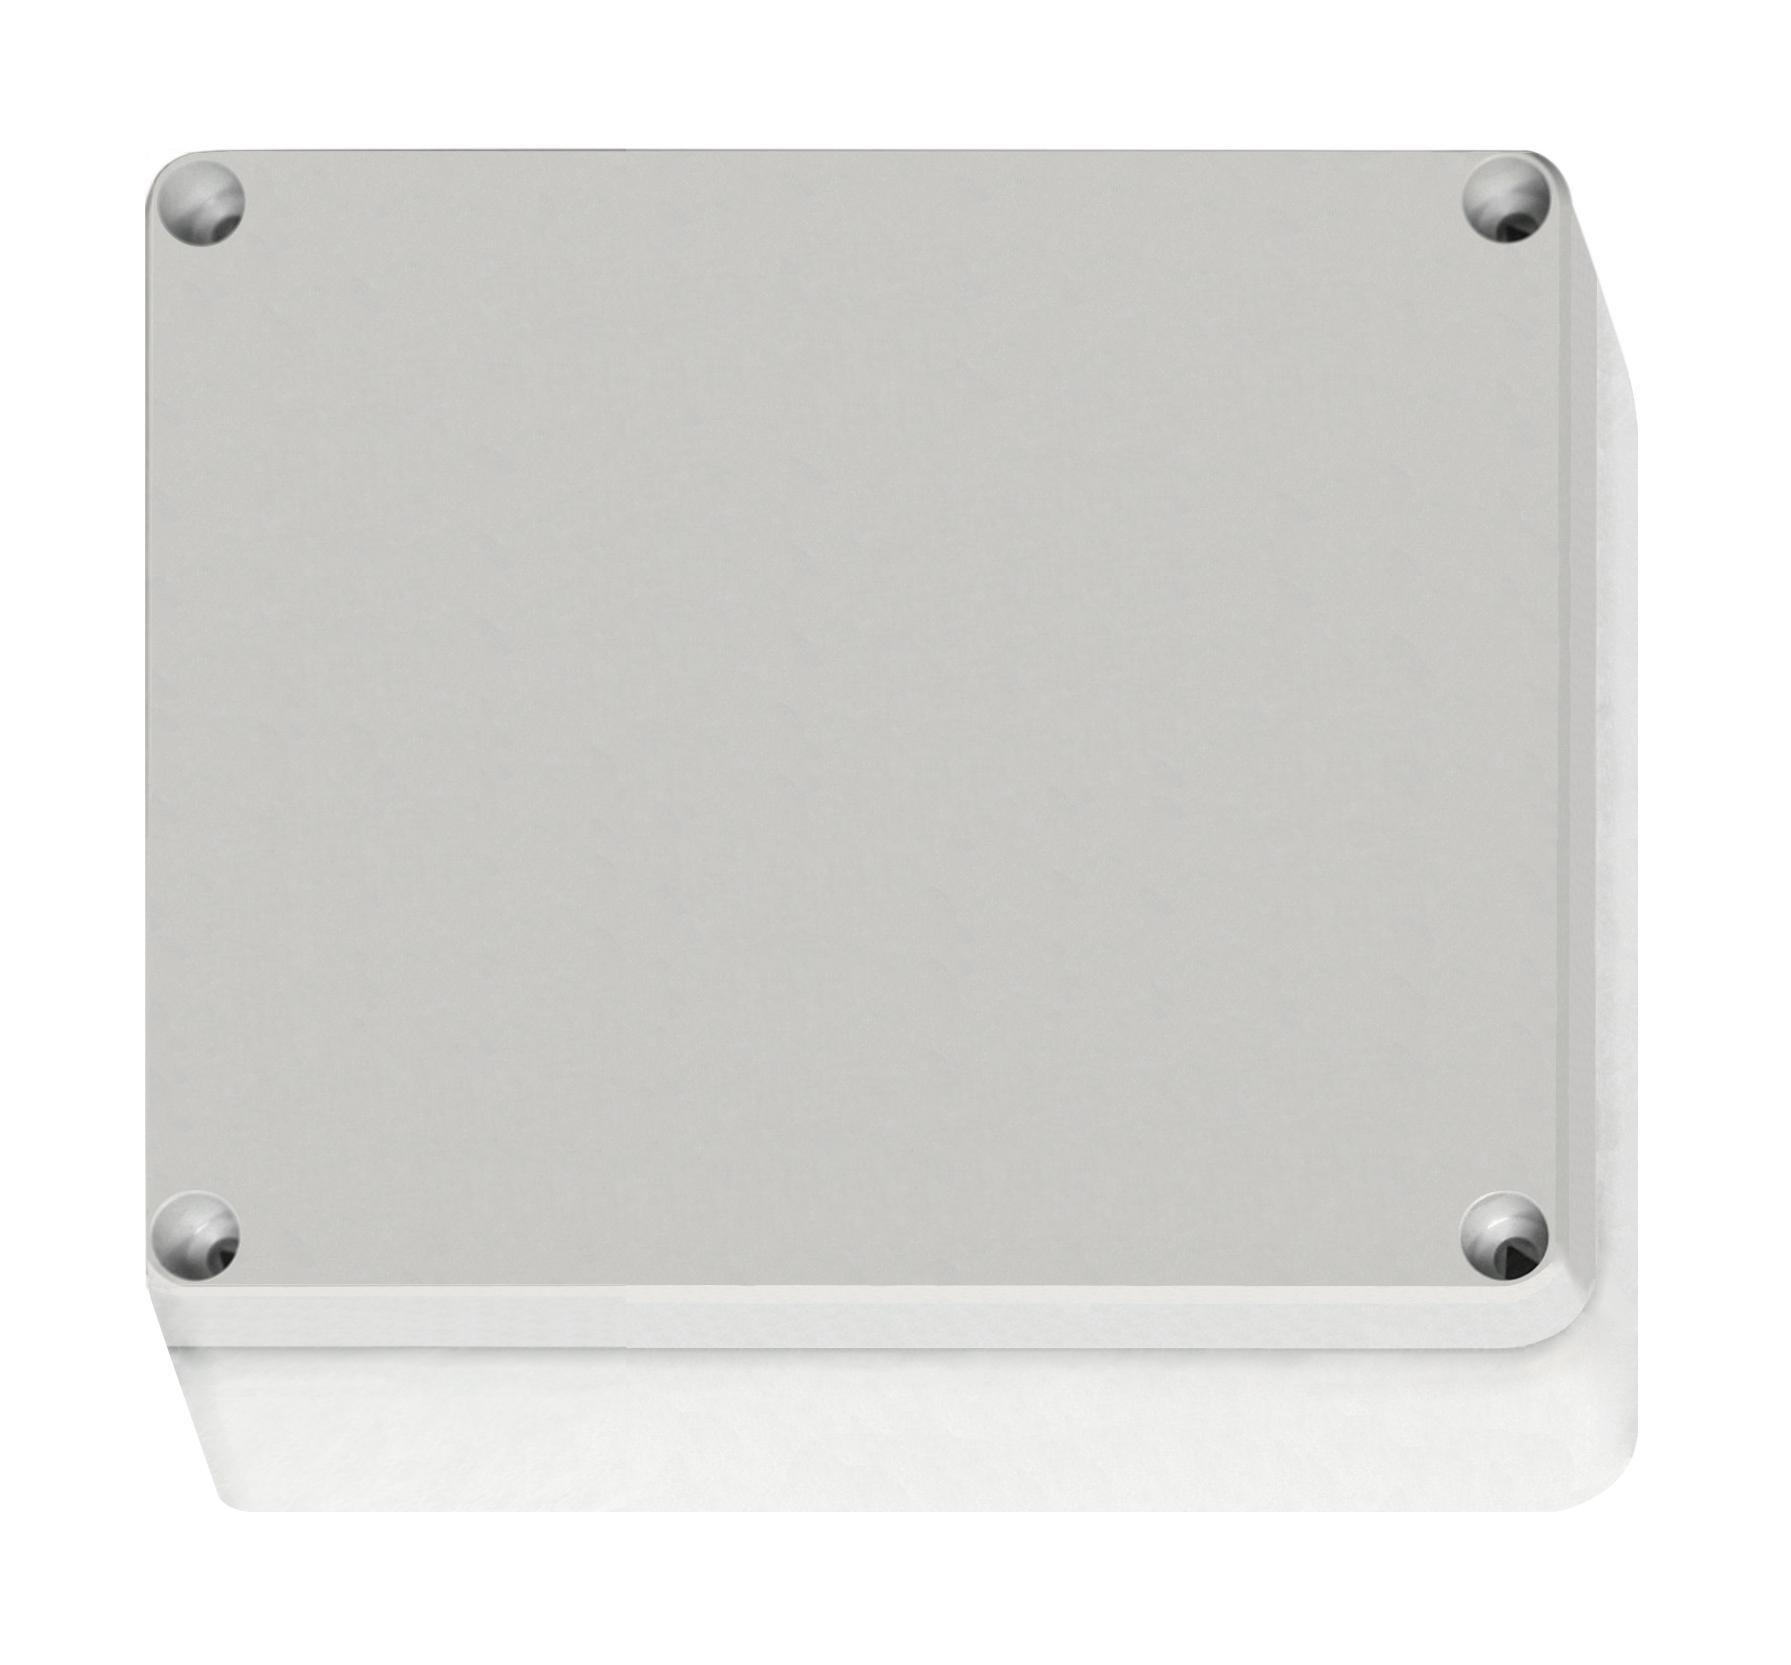 1 Stk ABS Gehäuse+Deckel grau, Scharn., 201x163x98mm, metr. Vorp. IG707025--